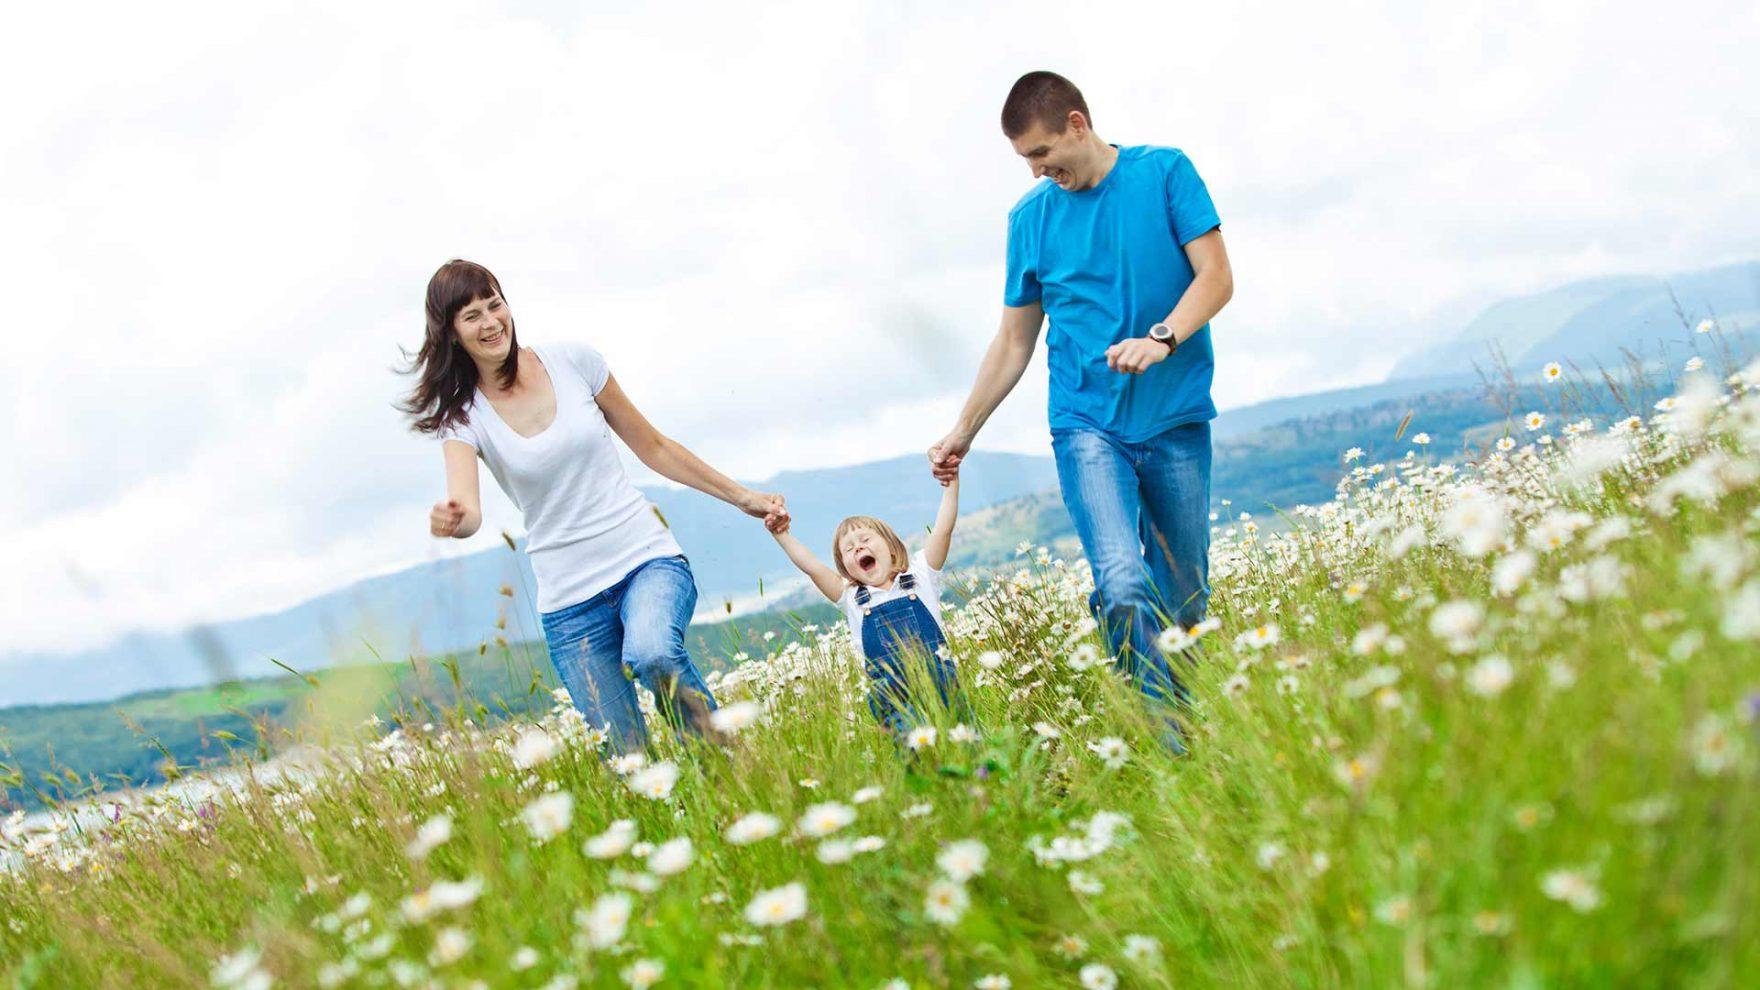 Primavera a Merano e dintorni - Vacanze in famiglia